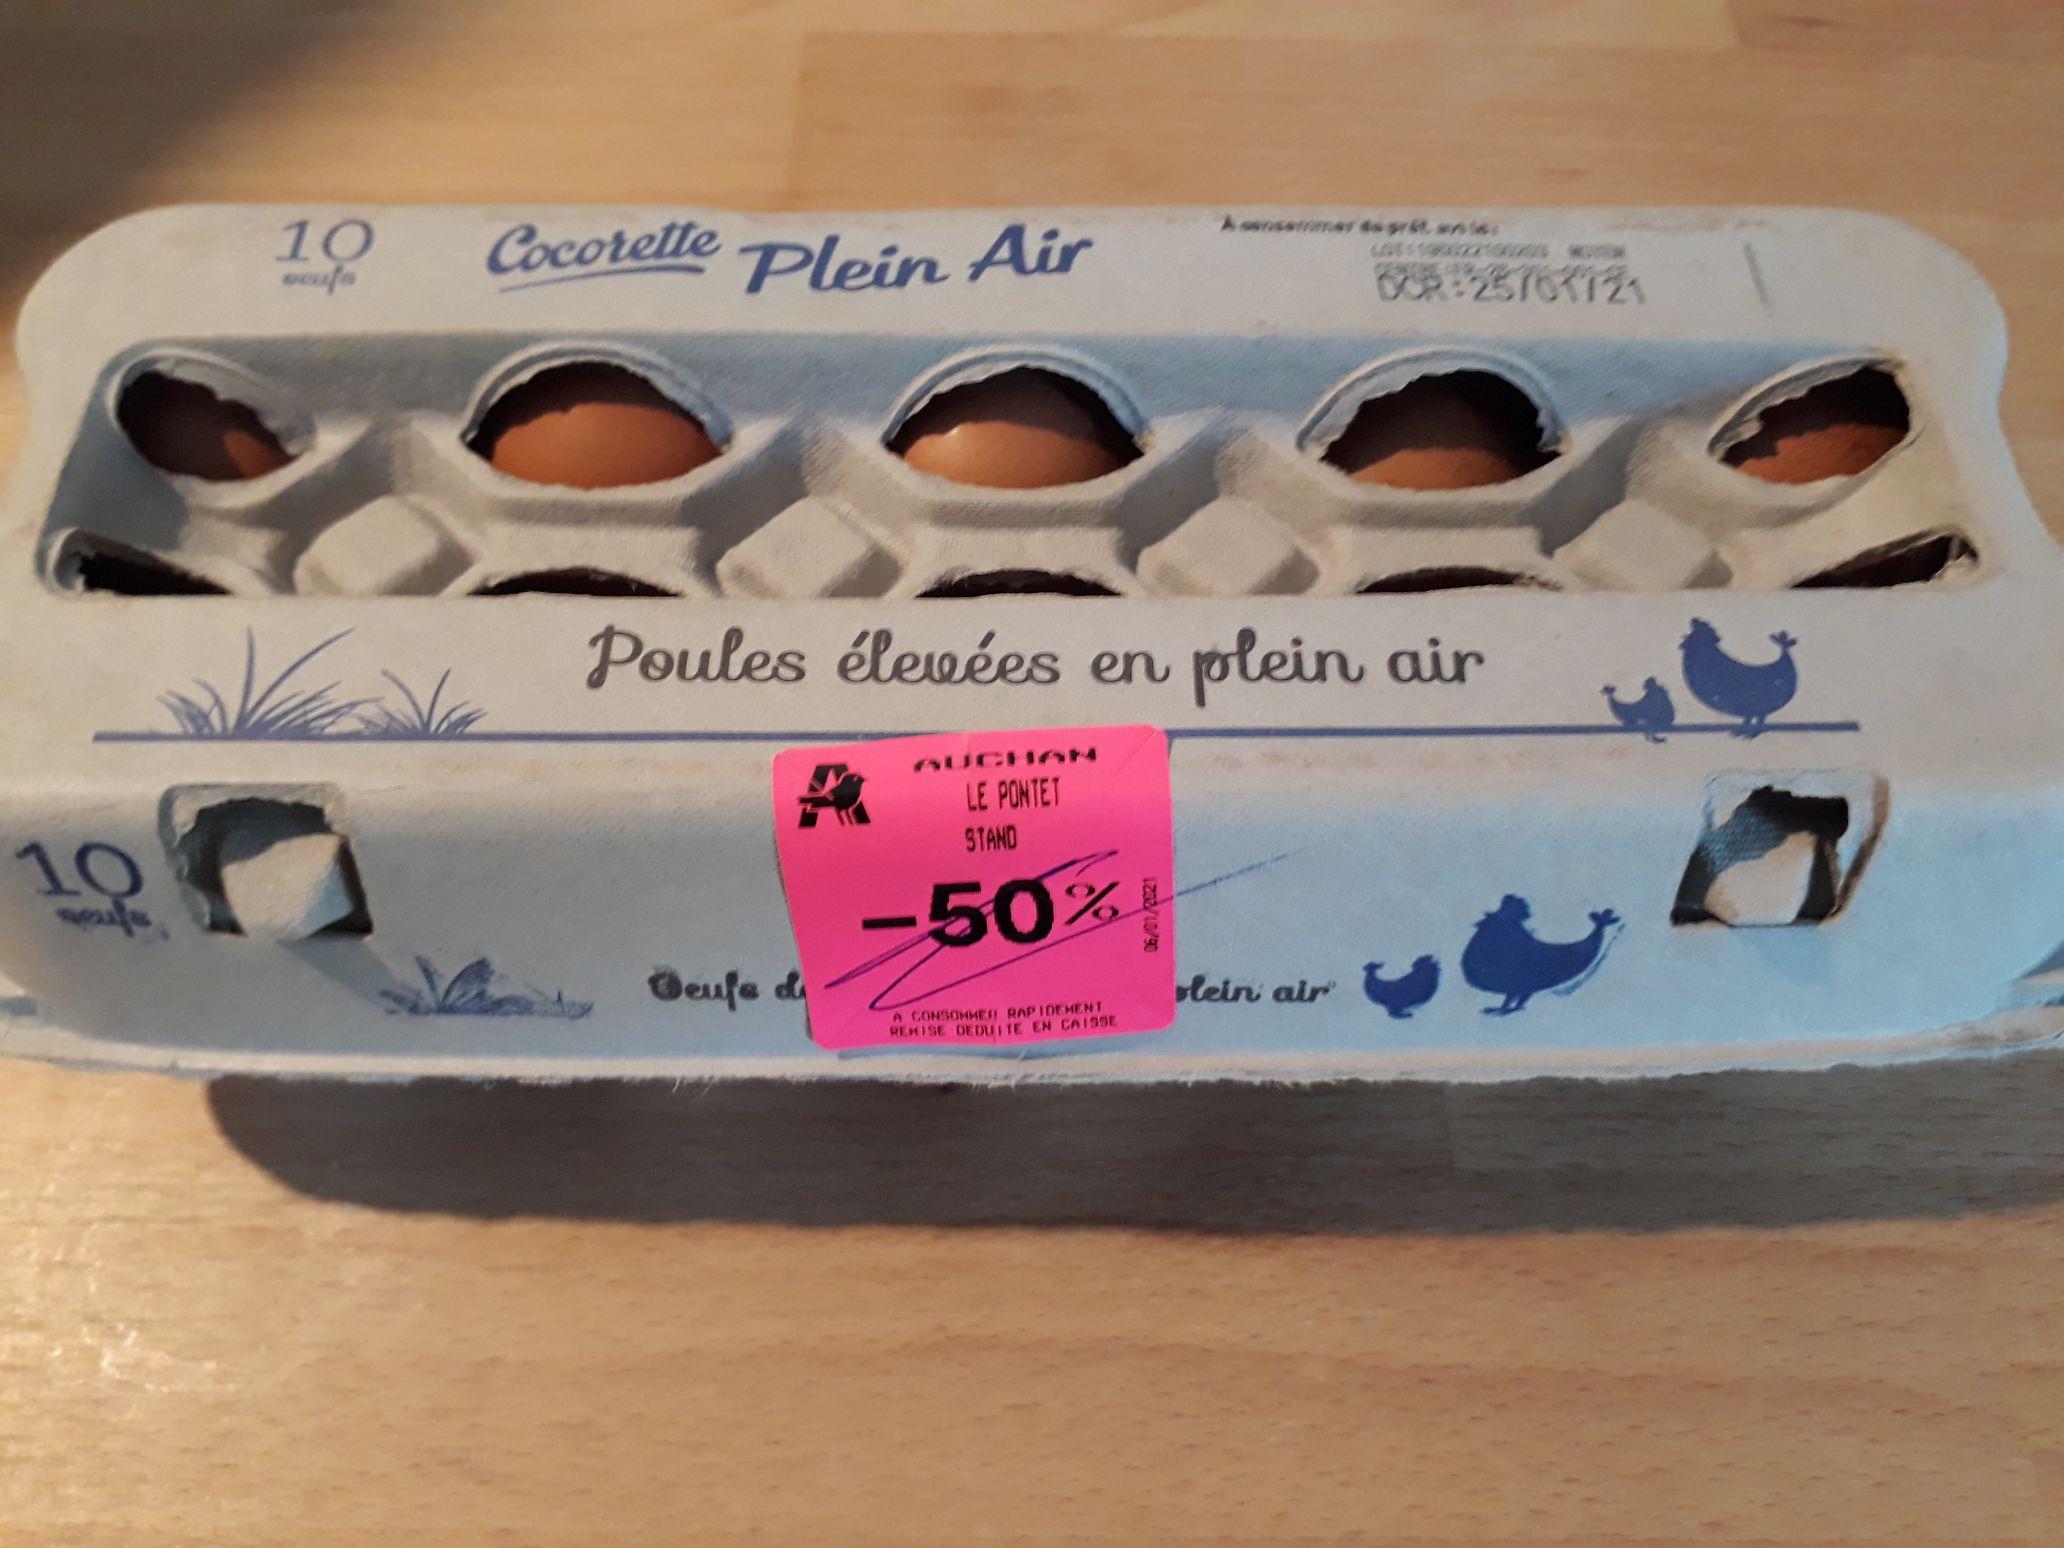 Boite de 10 Œufs Plein Air Cocorette (DCR 25/01) - Avignon Nord (84)